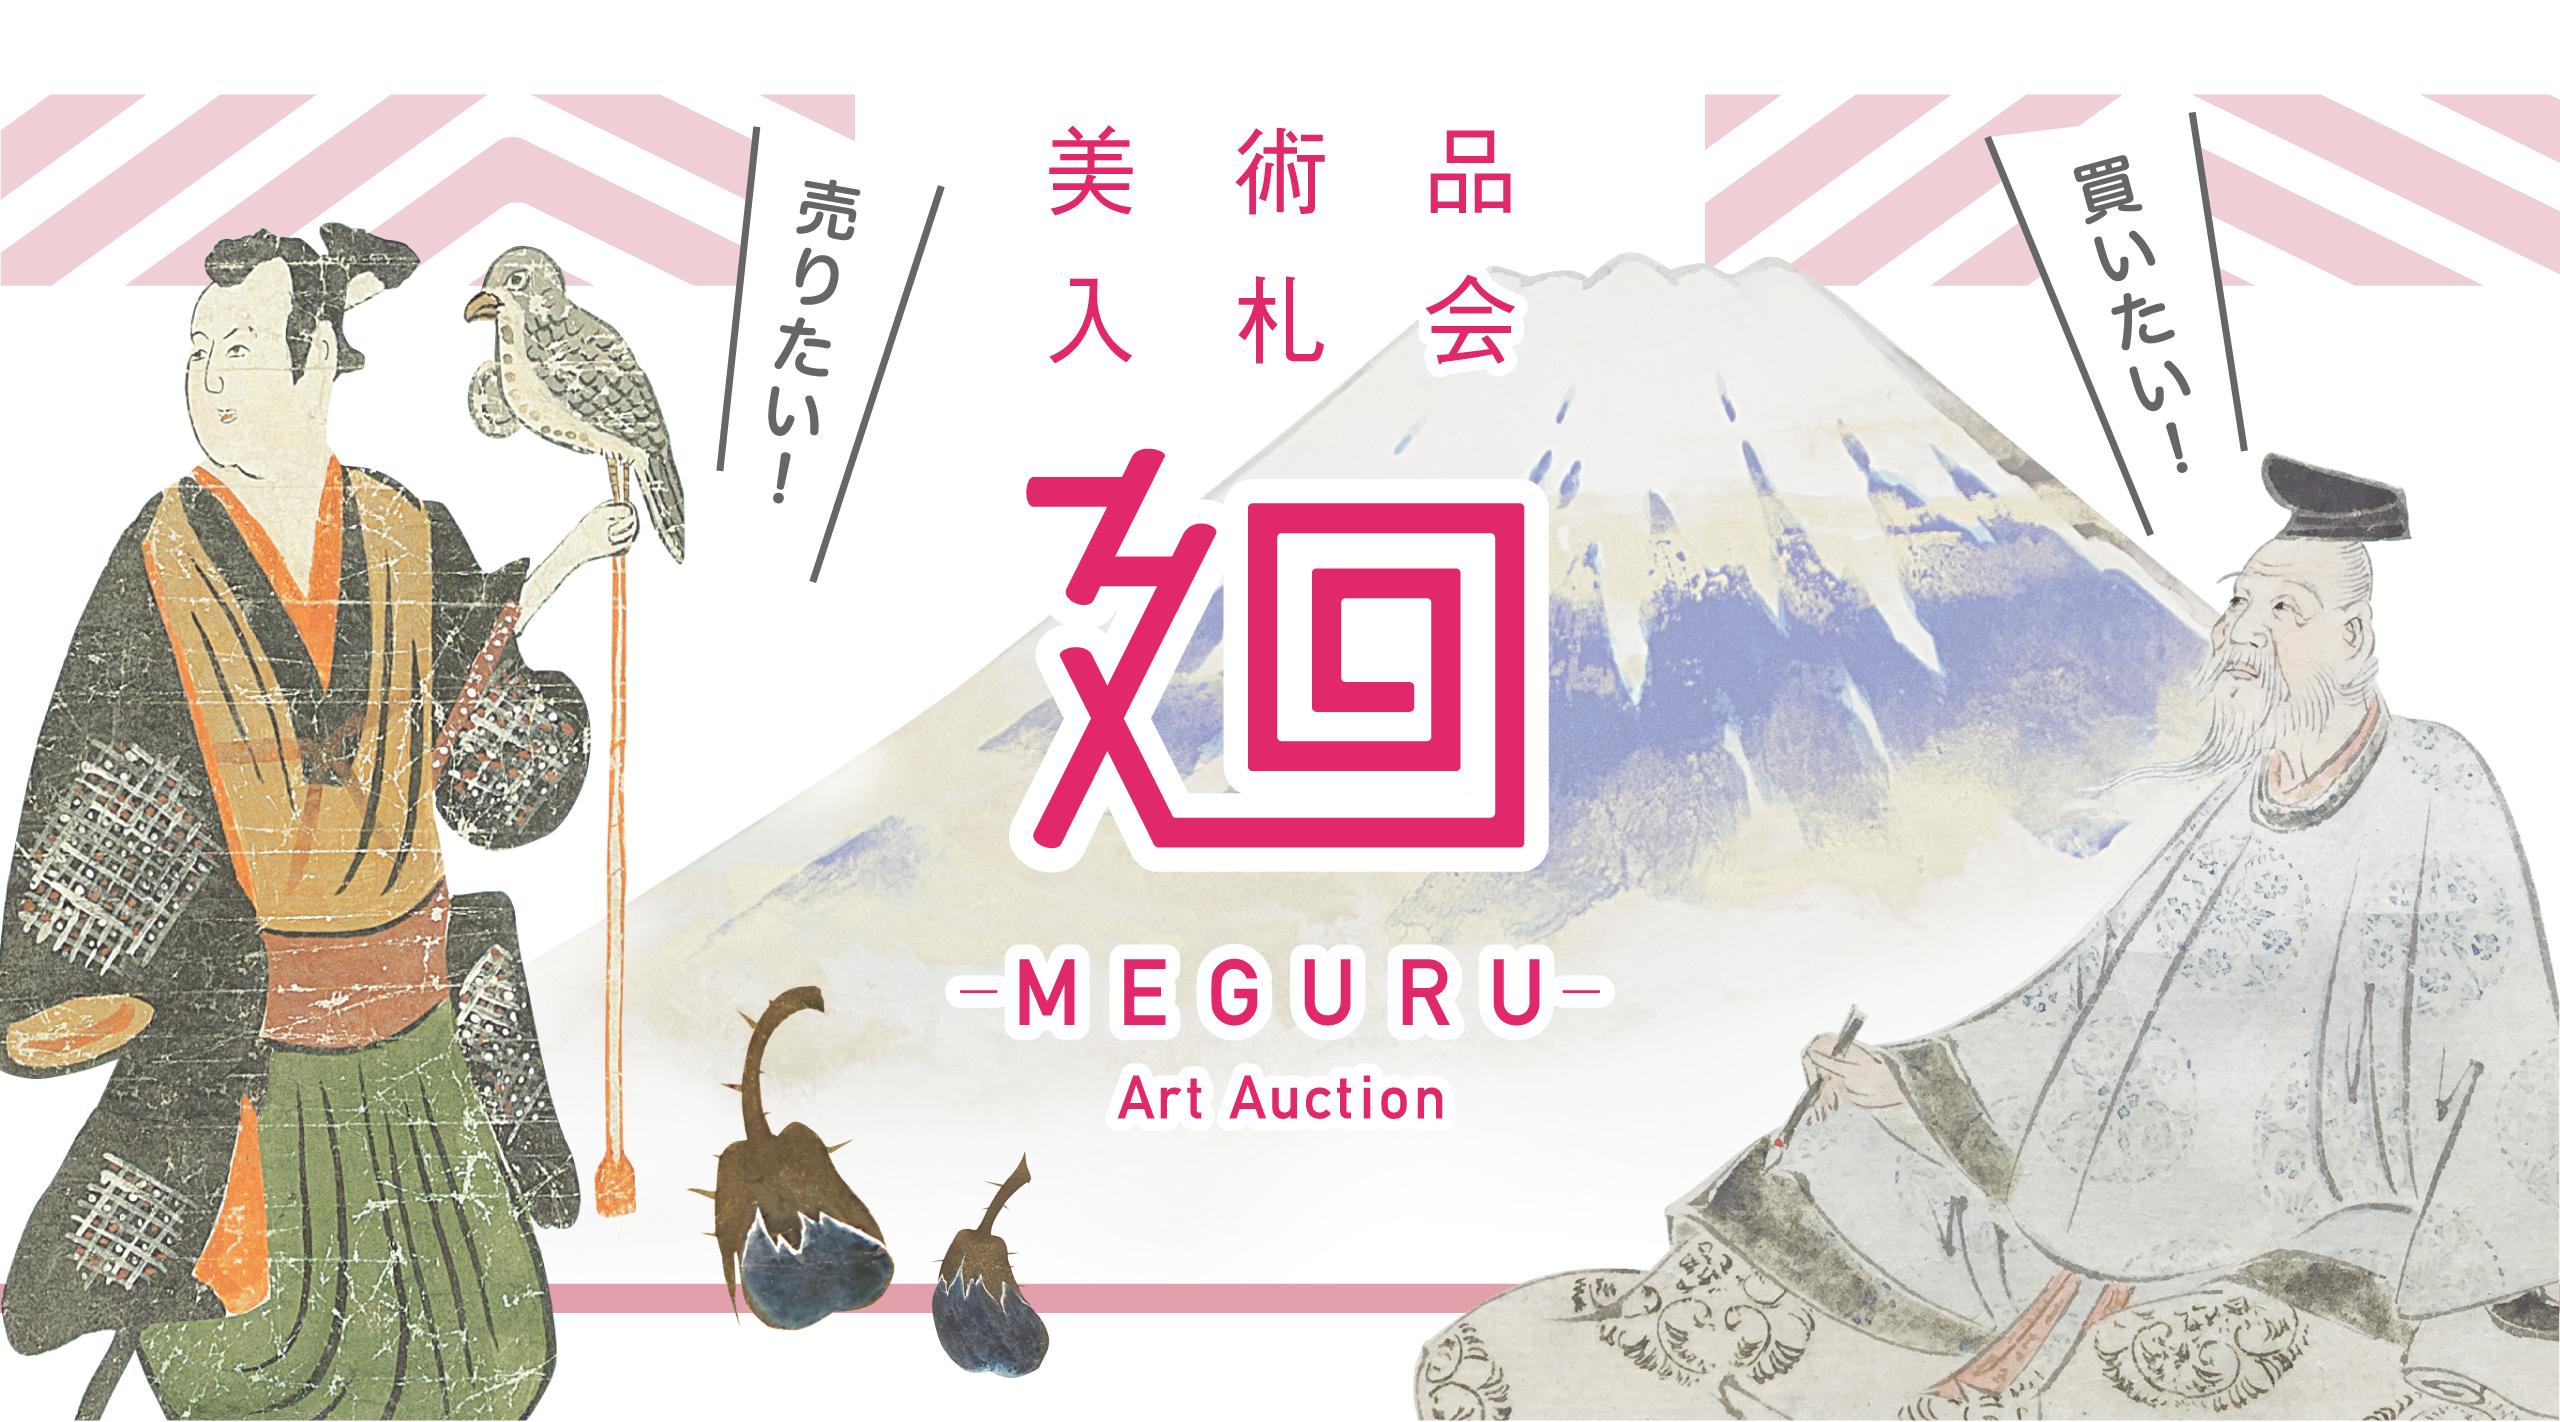 美術品入札会「廻-MEGURU-」vol.3